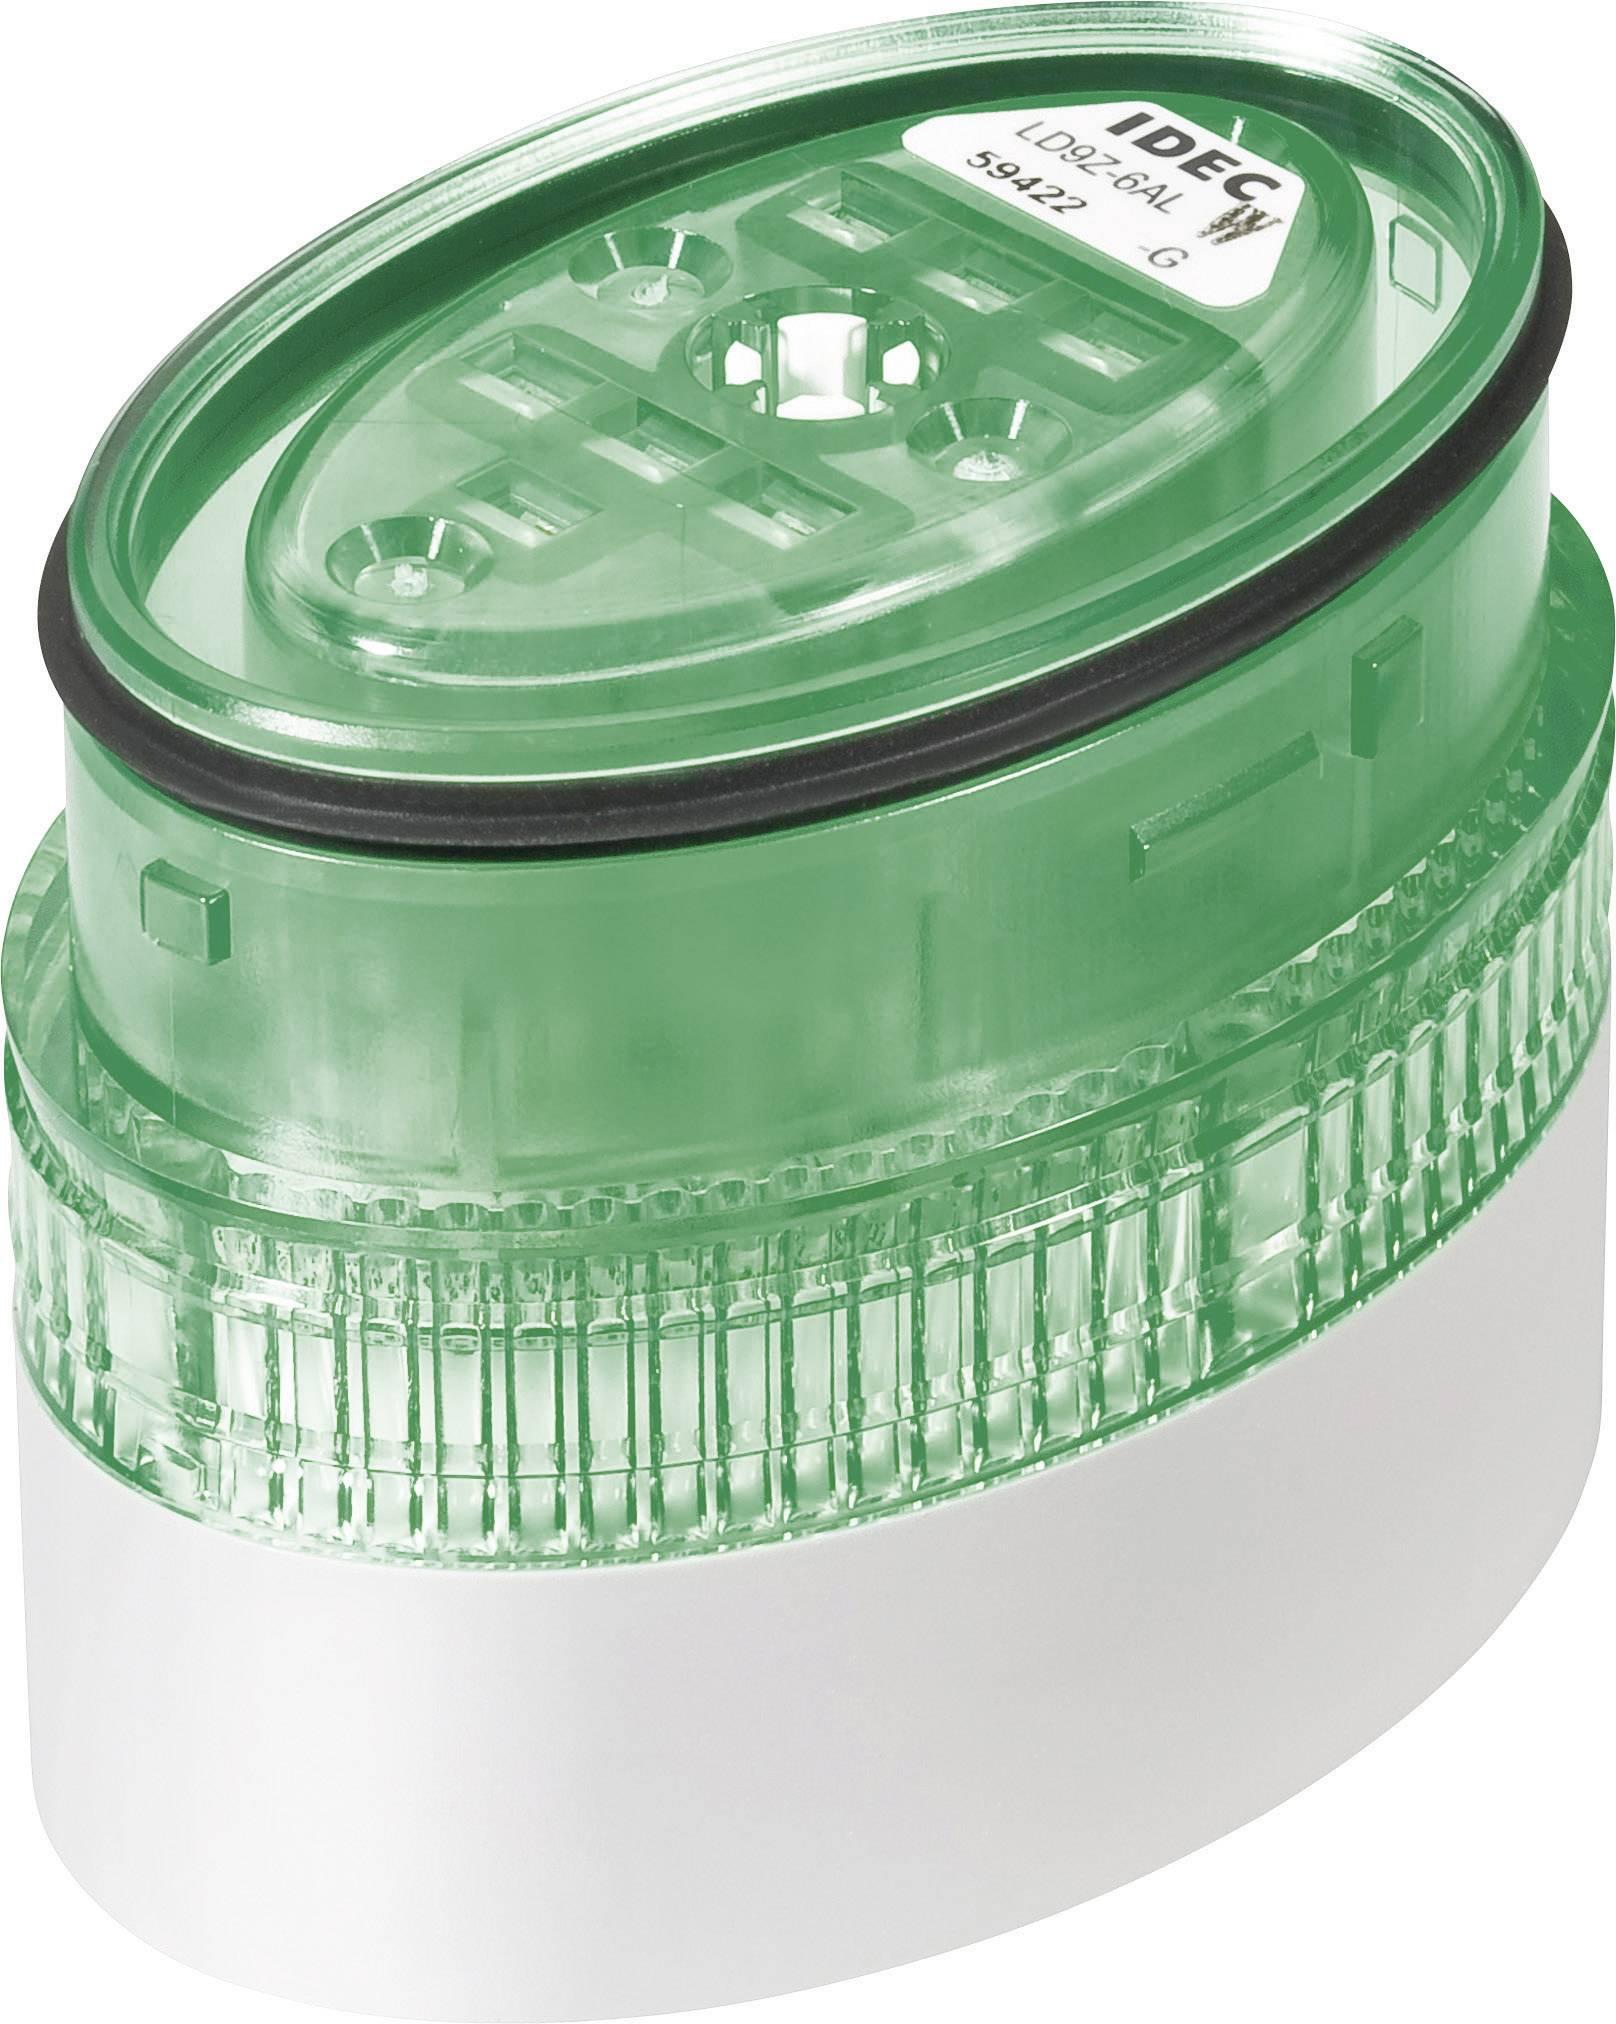 Súčasť signalizačného stĺpika LED Idec LD6A, 24 V/DC, 24 V/AC, zelená